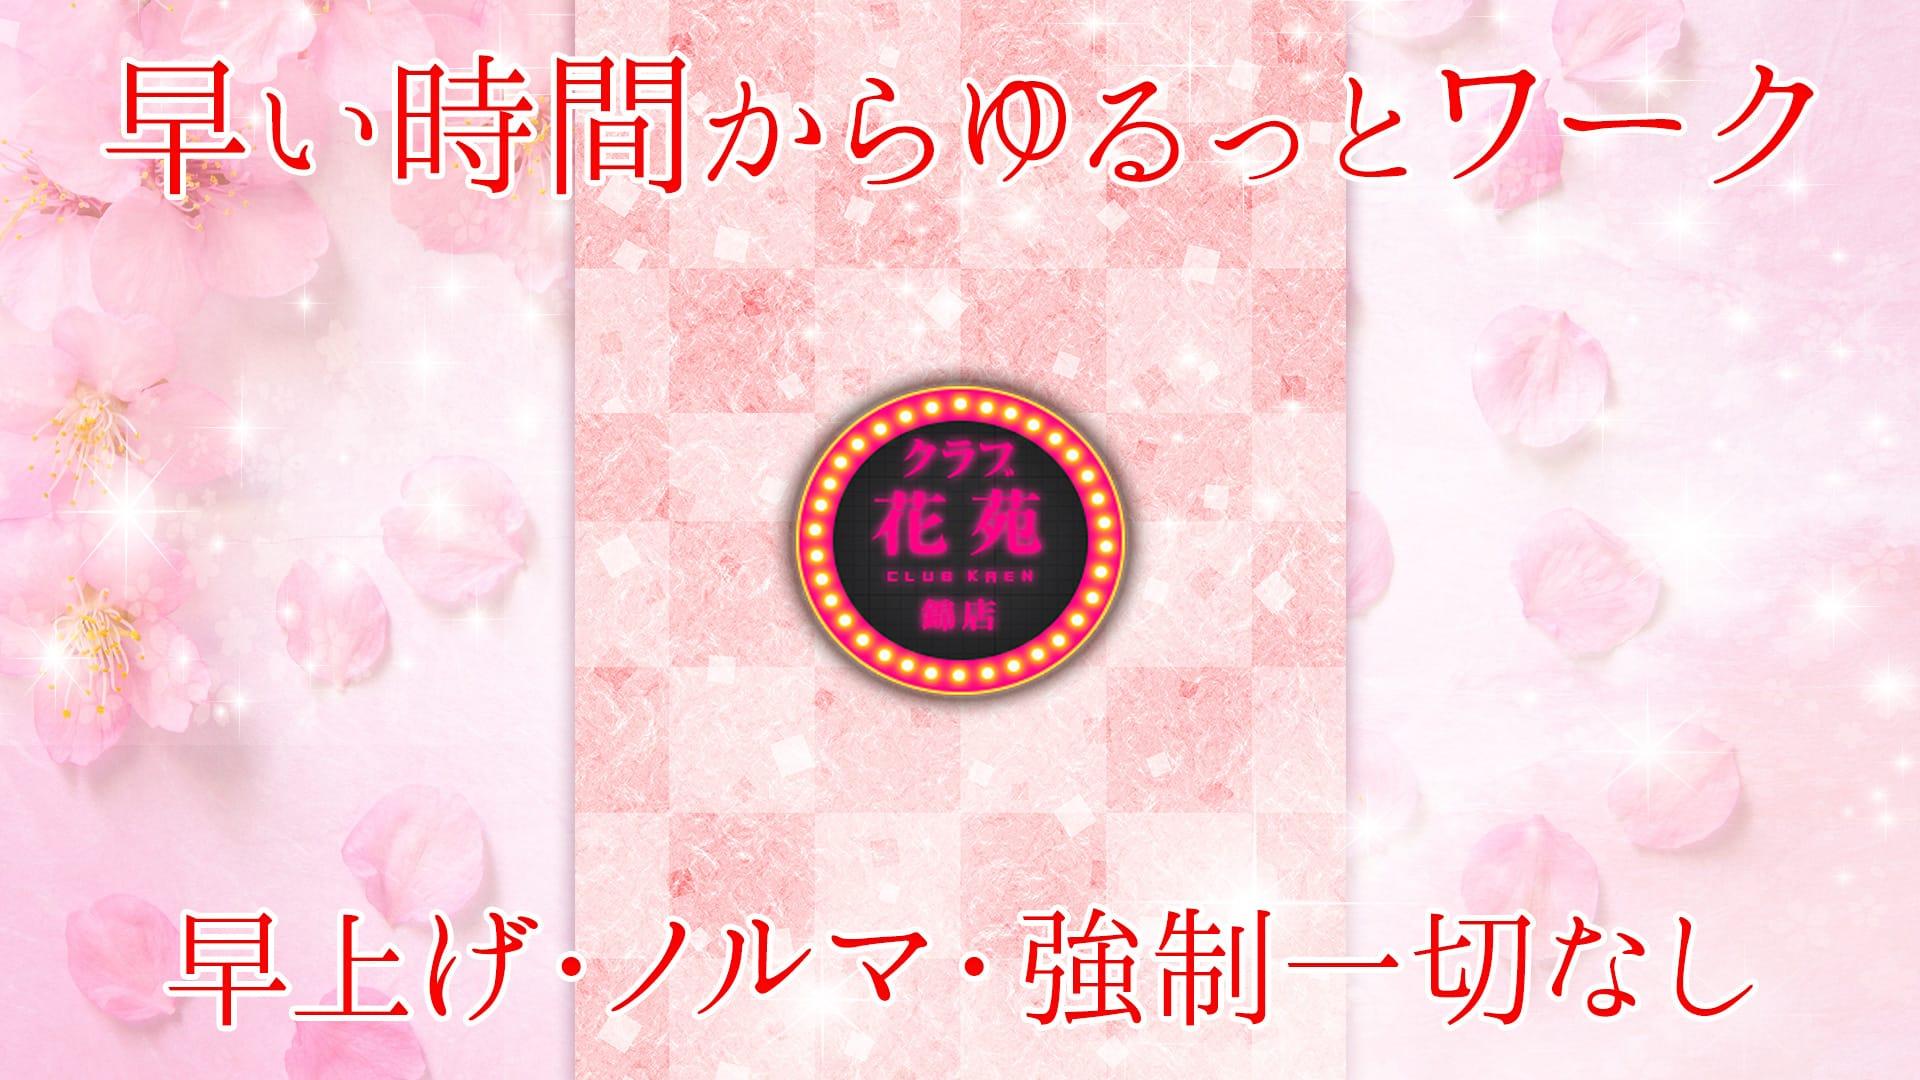 クラブ花苑 錦店 錦クラブ TOP画像